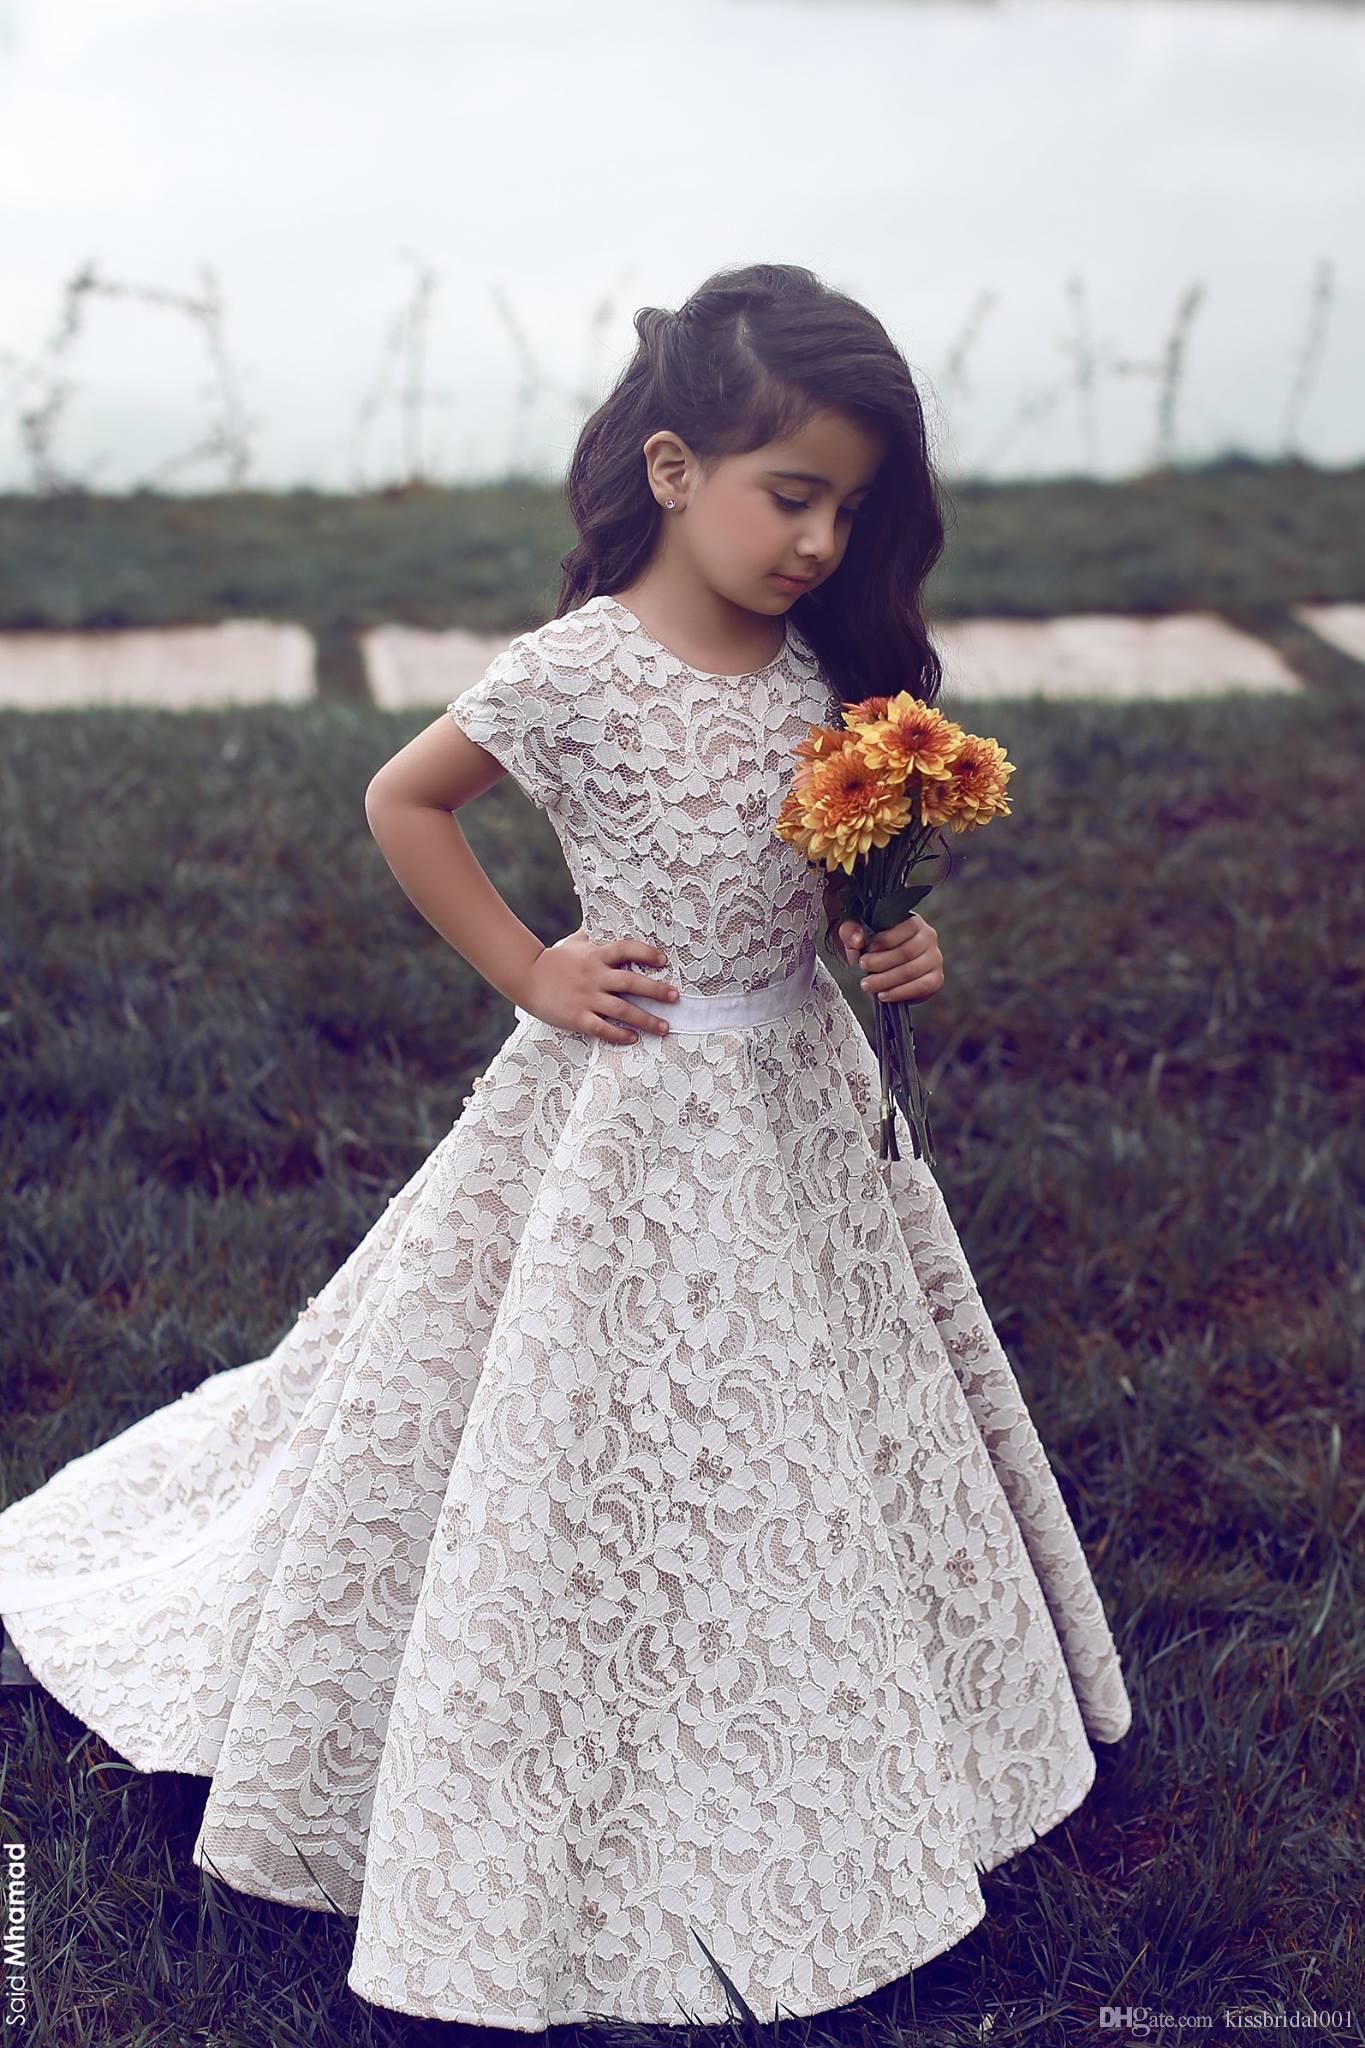 Düğün Çiçek Plaj Kızlar Için Elbiseler Tam El Yapımı Dantel Prenses Abiye Güzel Kızlar Pageant Elbise Cap Kollu Resmi Elbiseler